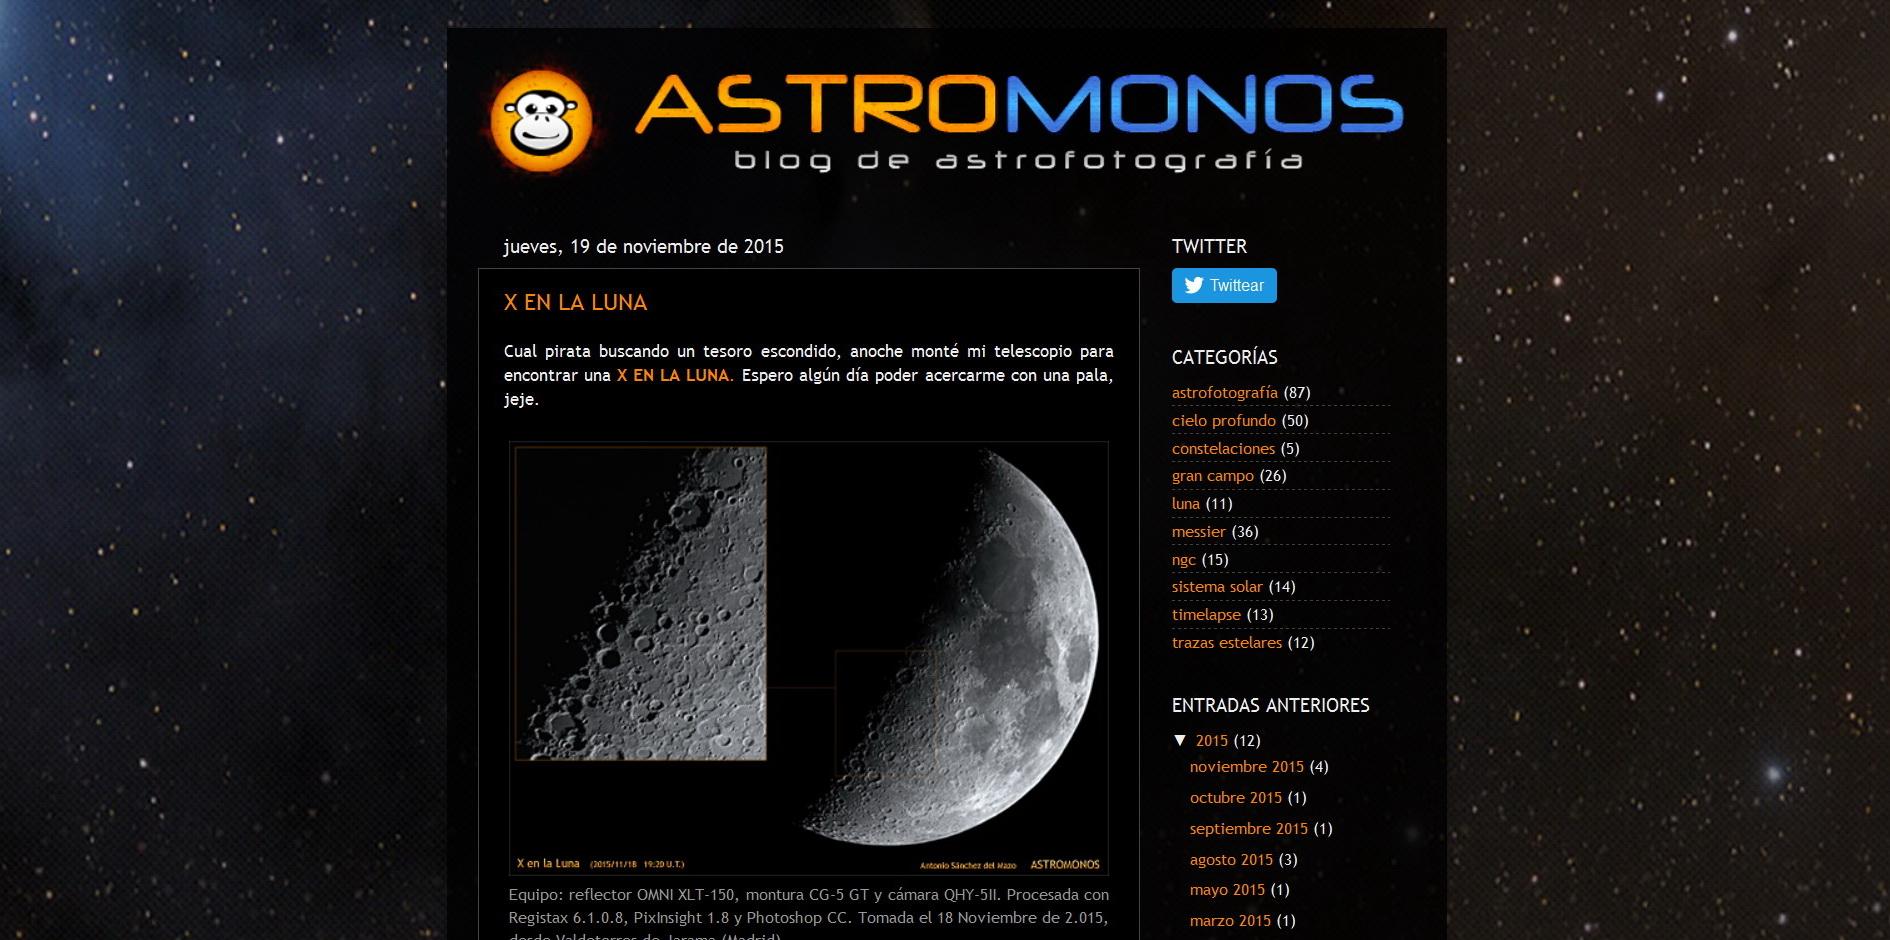 AstroMonos